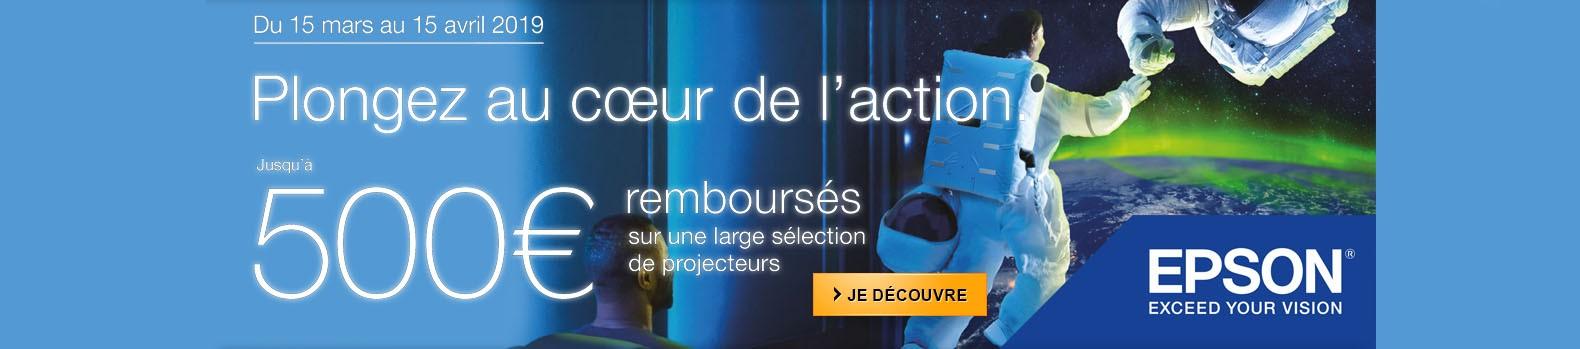 Jusqu'à 500€ remboursés pour l'achat d'un vidéoprojecteur Epson